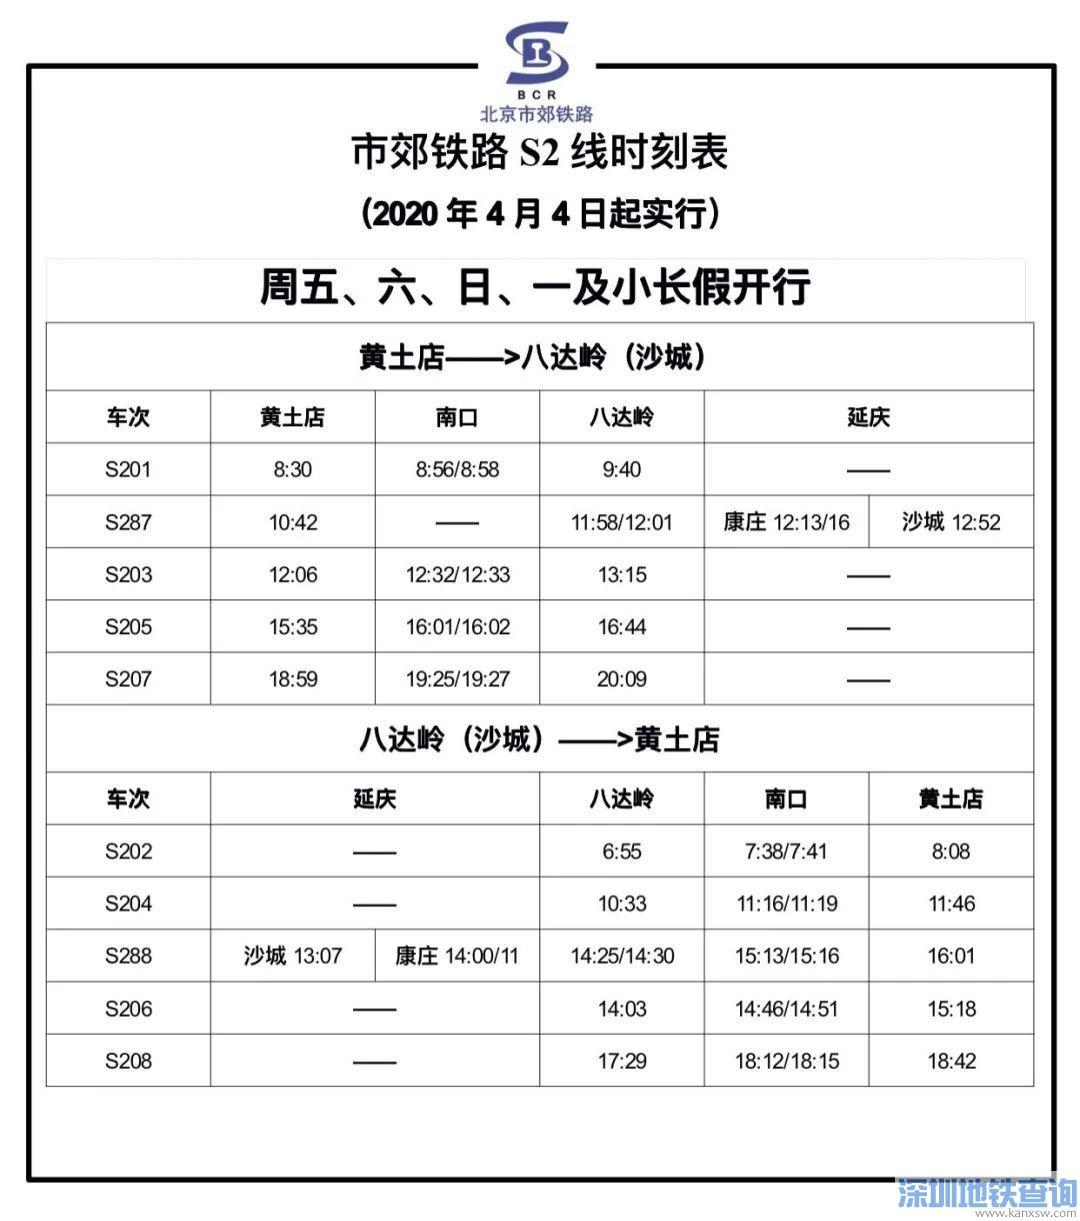 2020年五一期间北京S2线最新列车时刻表